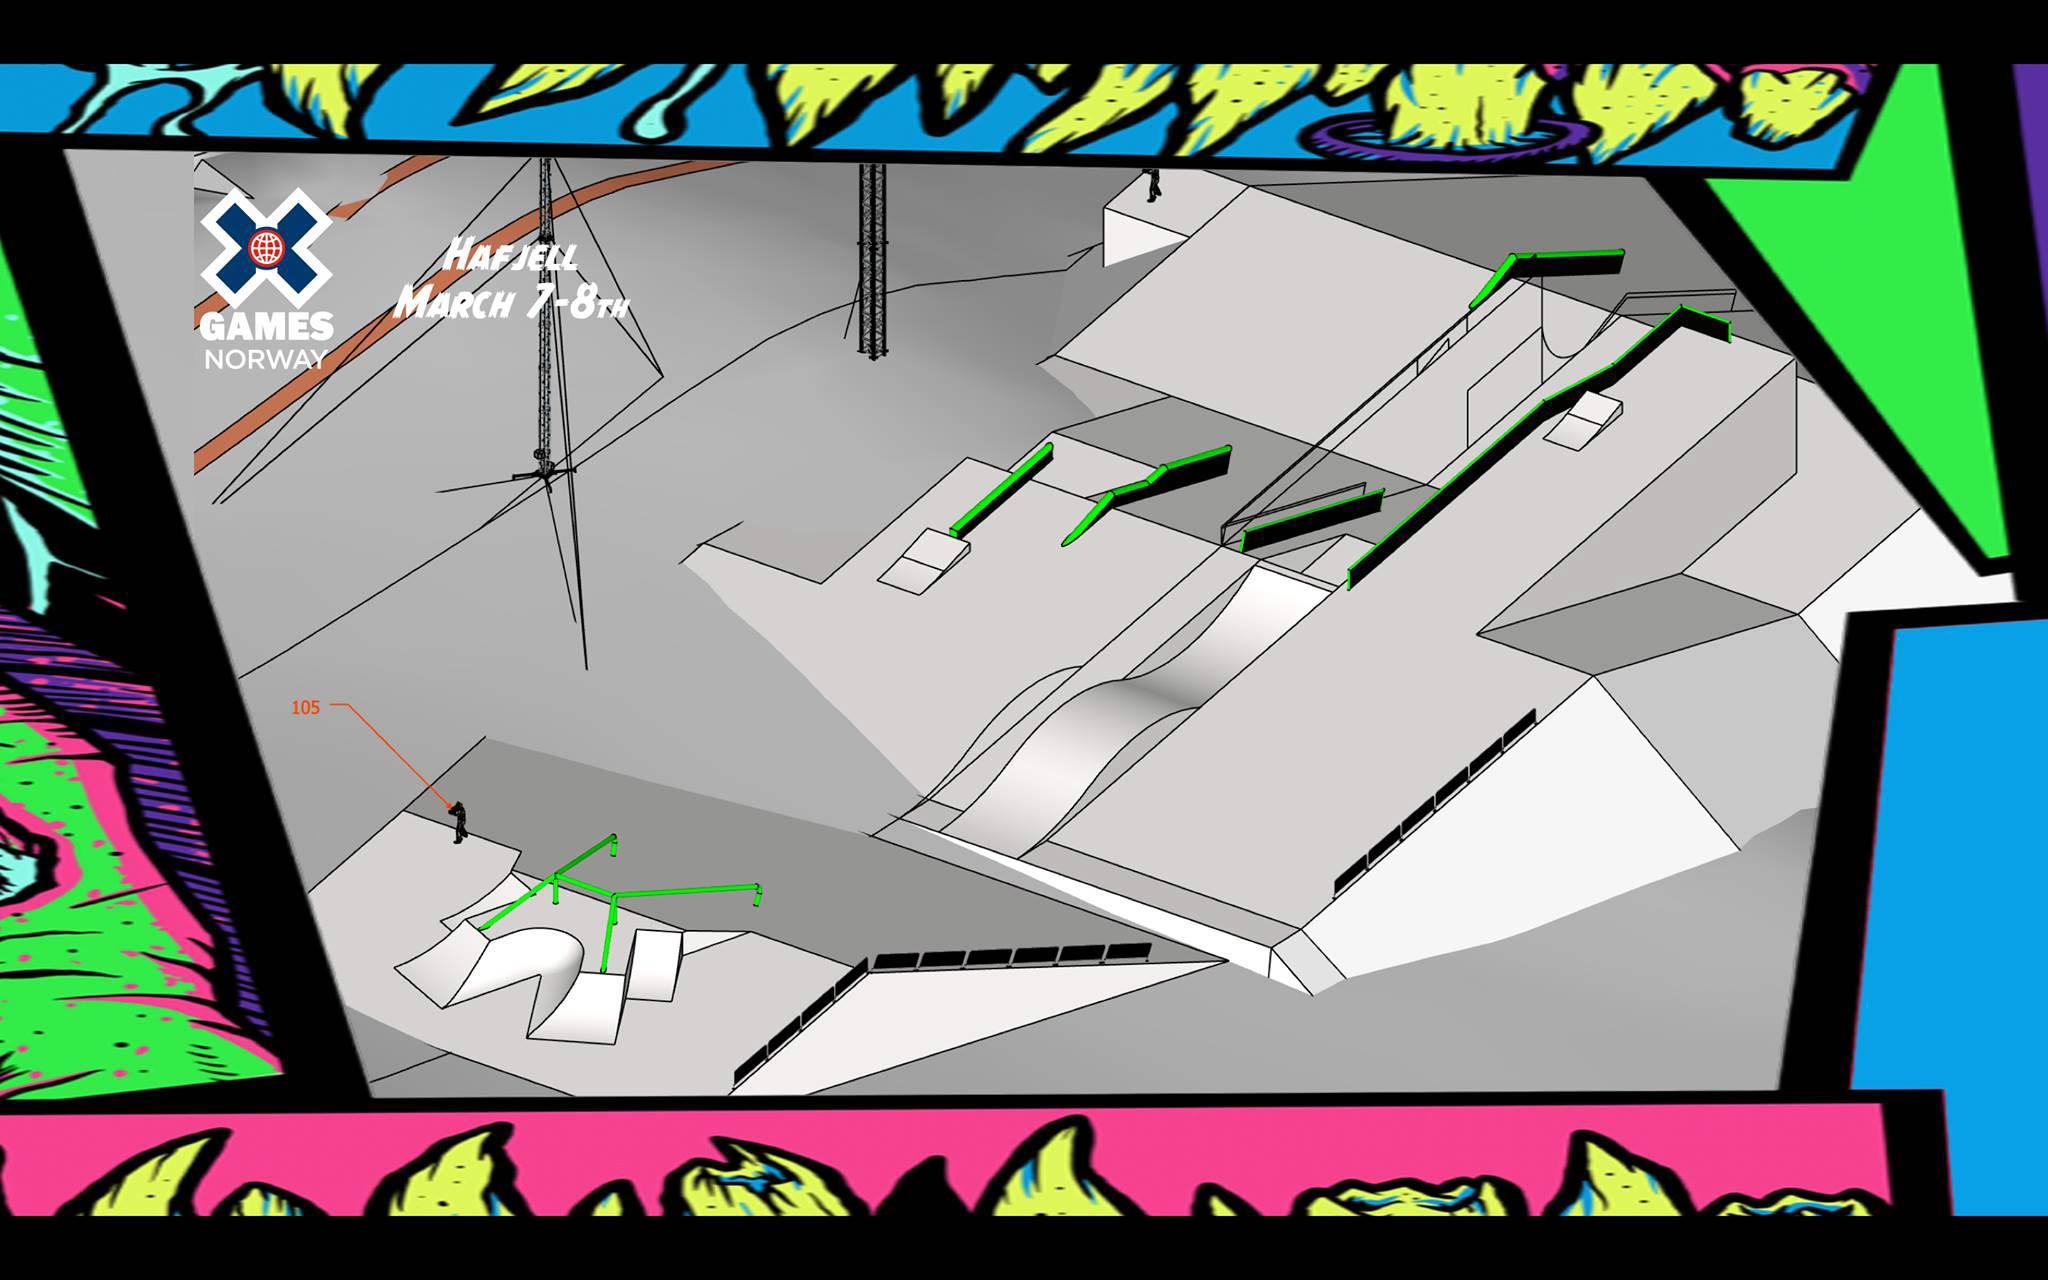 Los geht's mit der Rail Section, die in zwei Abschnitte unterteilt ist. Das erste Segment besteht aus einem Rail Multi Feature mit Close Out und diversen Optionen für Transfers. Das zweite hält neben relativ normalen Rails und Tokyo Drift Anfahrt auch ein überlanges Flat Down Flat Rail mit Close Out bereit.